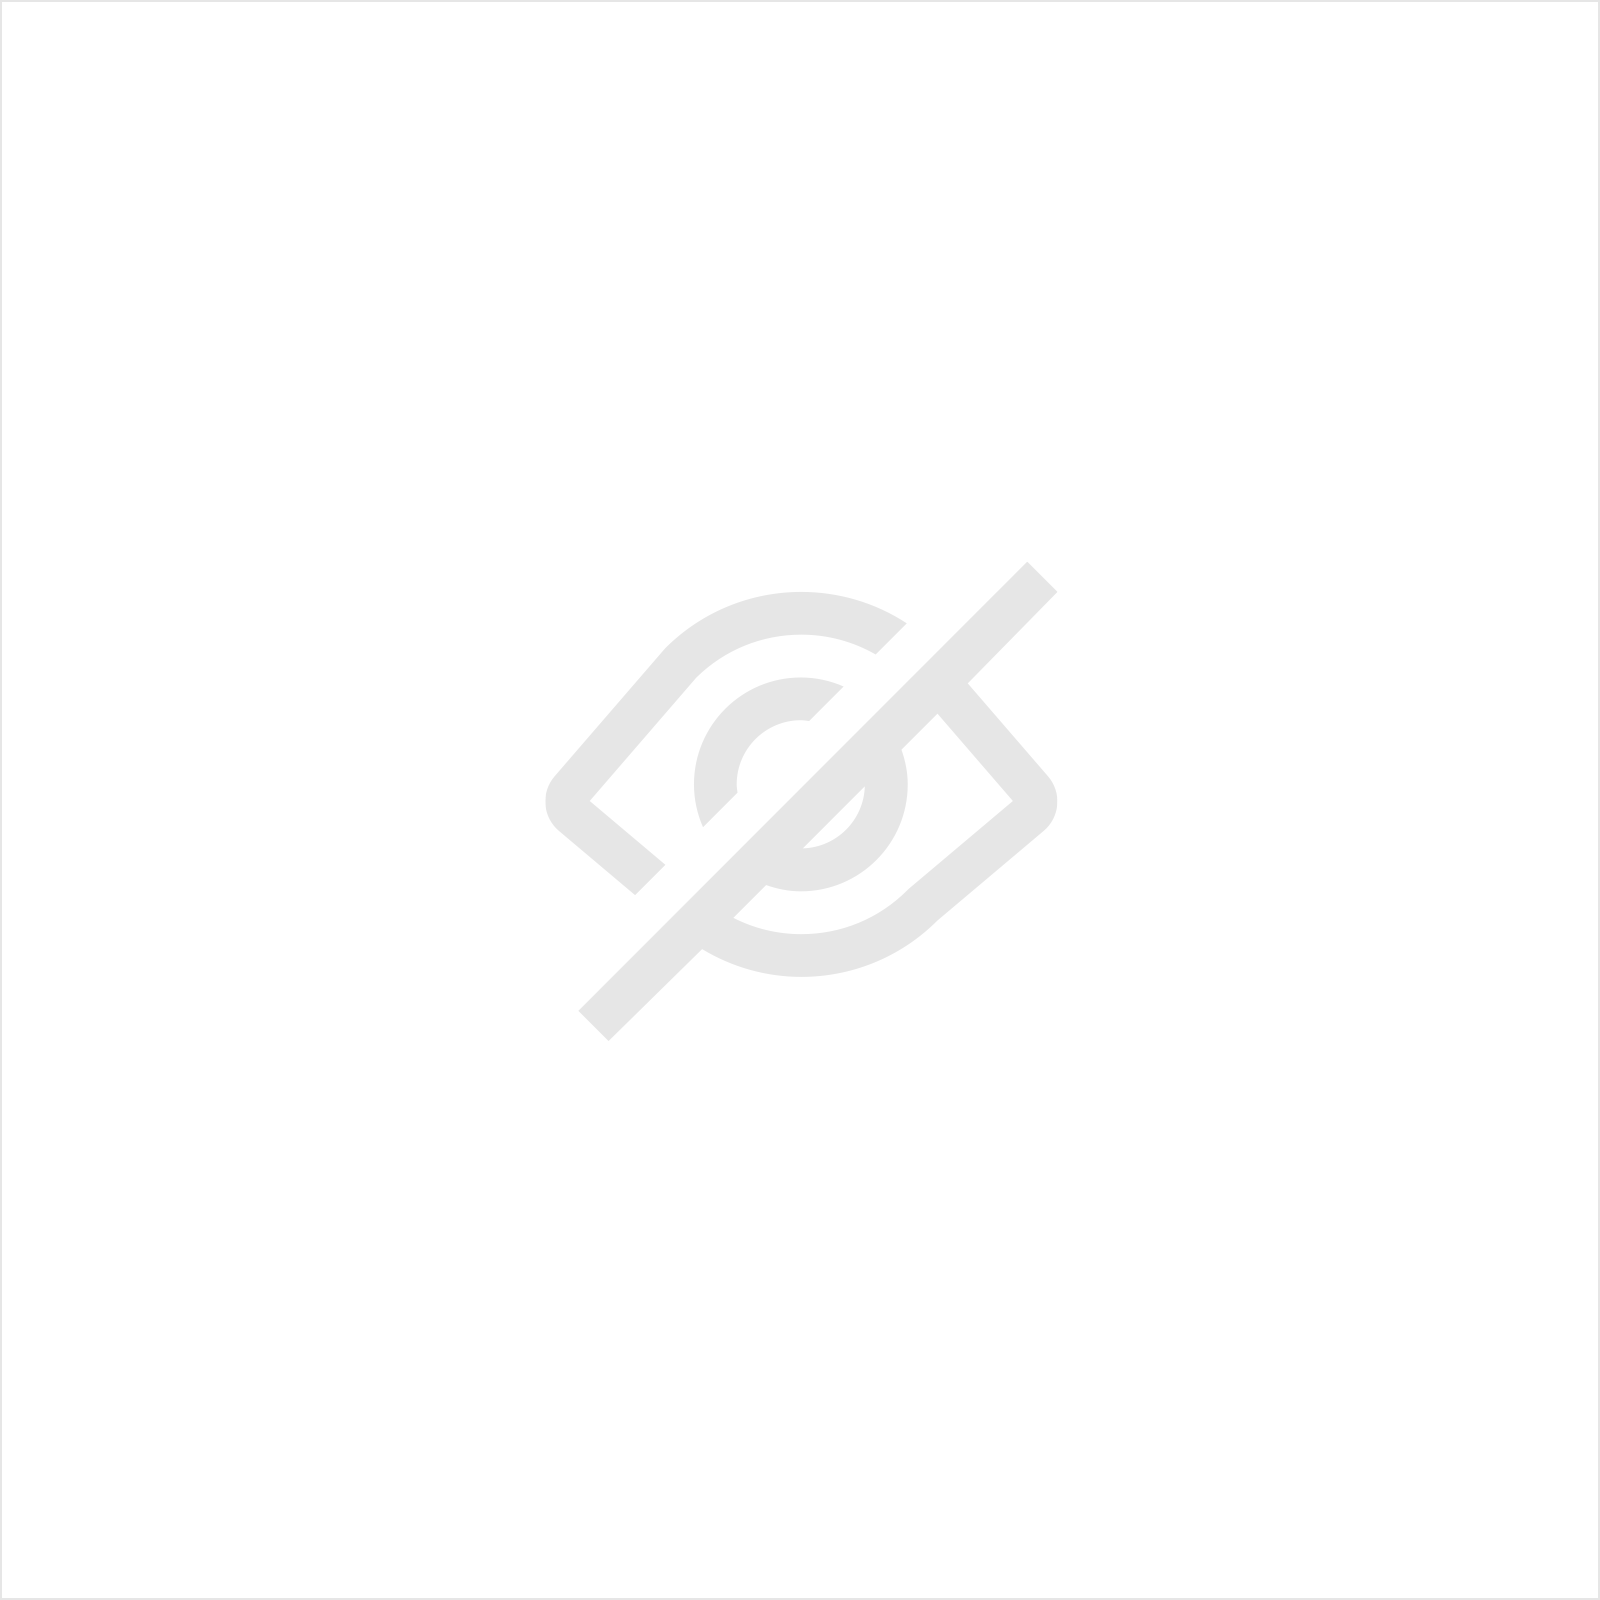 OPTIONEEL 1/16 WIRE BEAD ROLL SET  VOOR BOORD EN LIJSTMACHINE